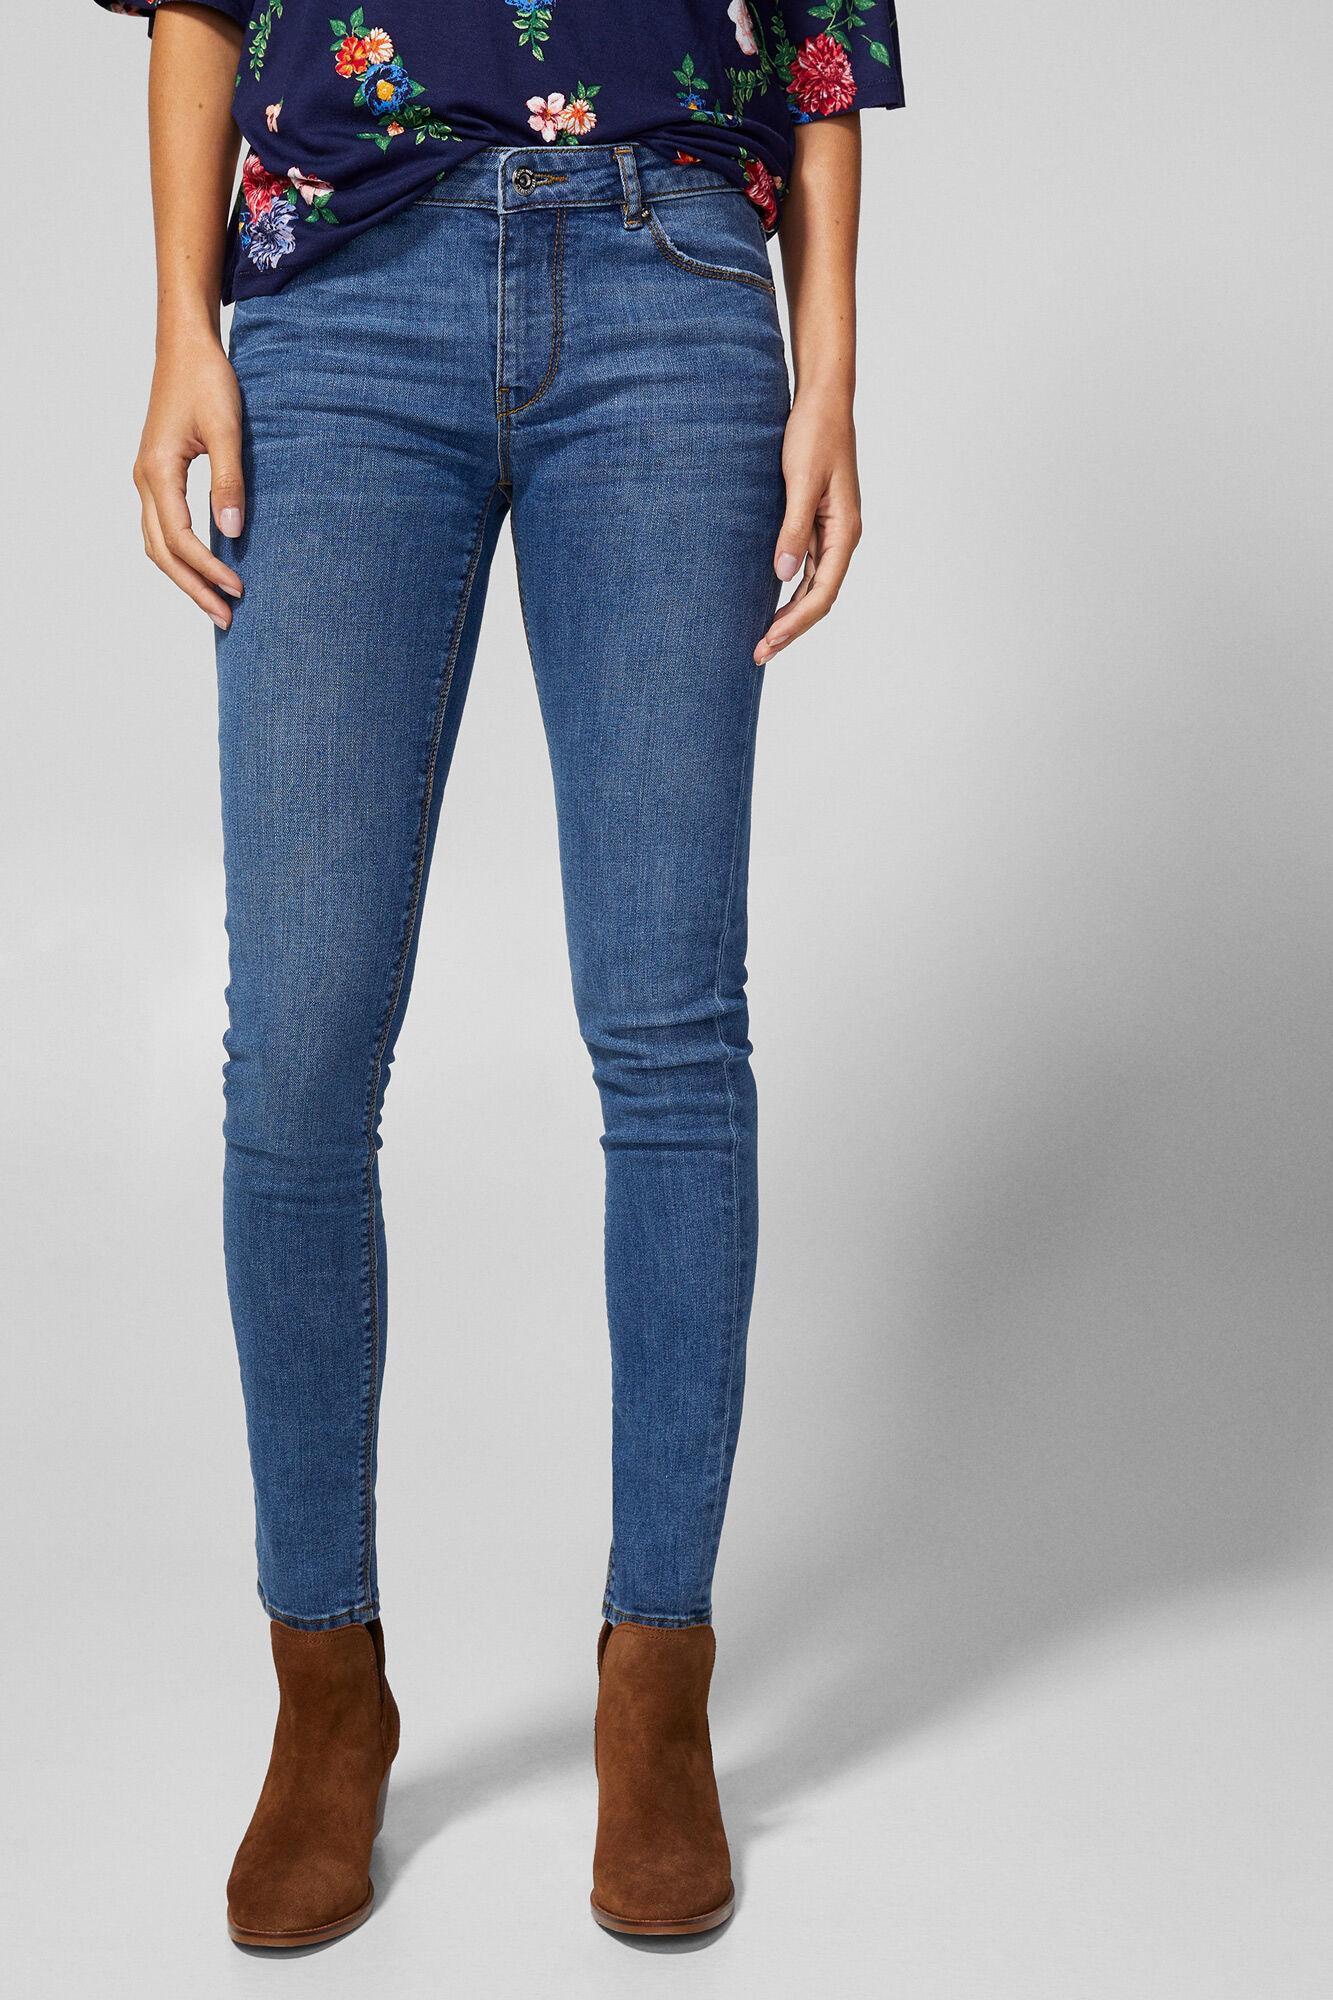 Slim Manamp; JeansSpringfield JeansSpringfield Woman Slim Fit Fit Manamp; Woman RALj3qc54S